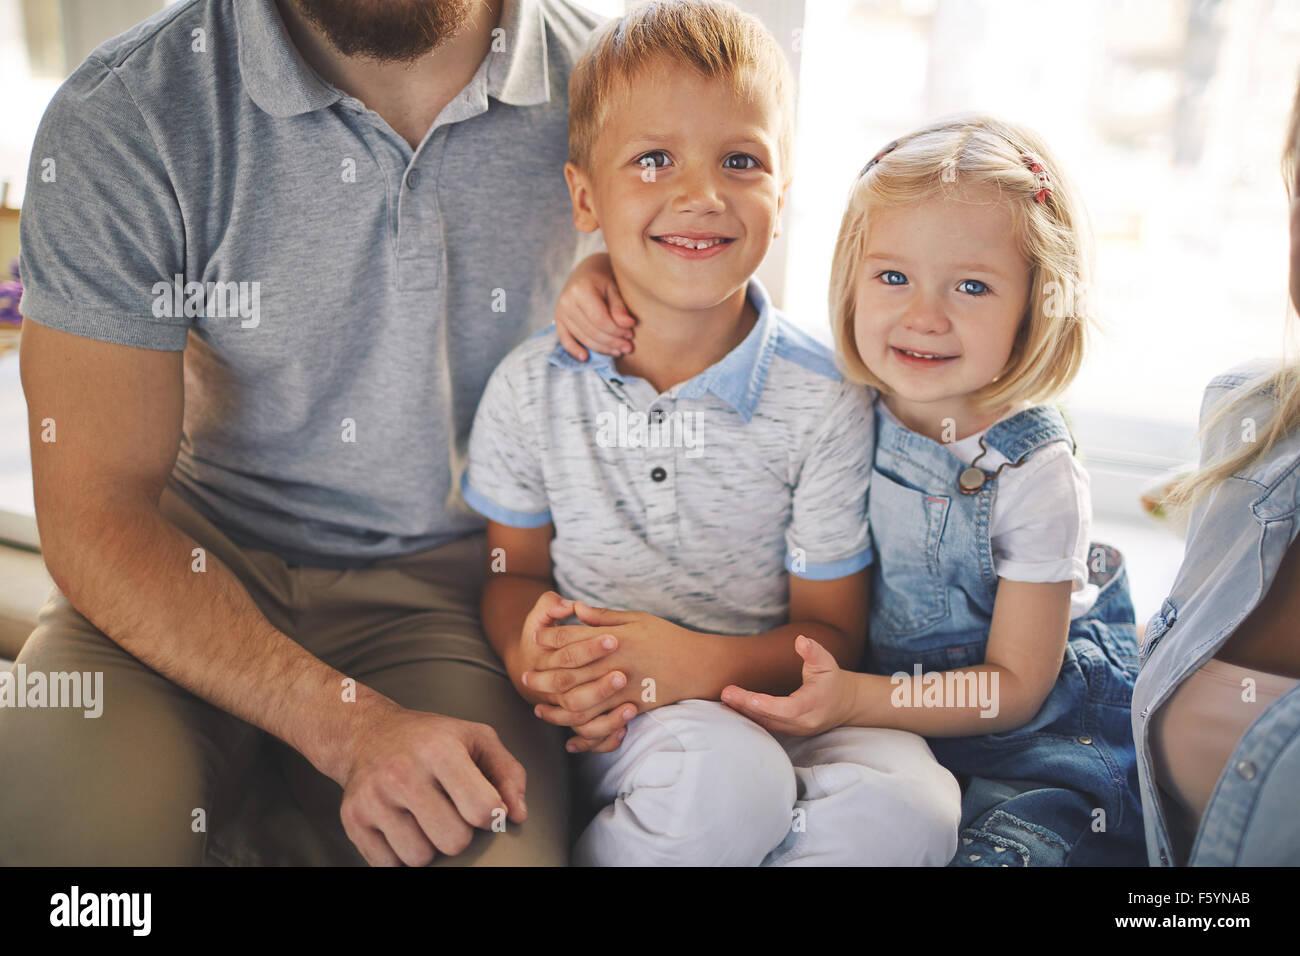 Entzückende Geschwister Blick in die Kamera mit einem Lächeln Stockbild